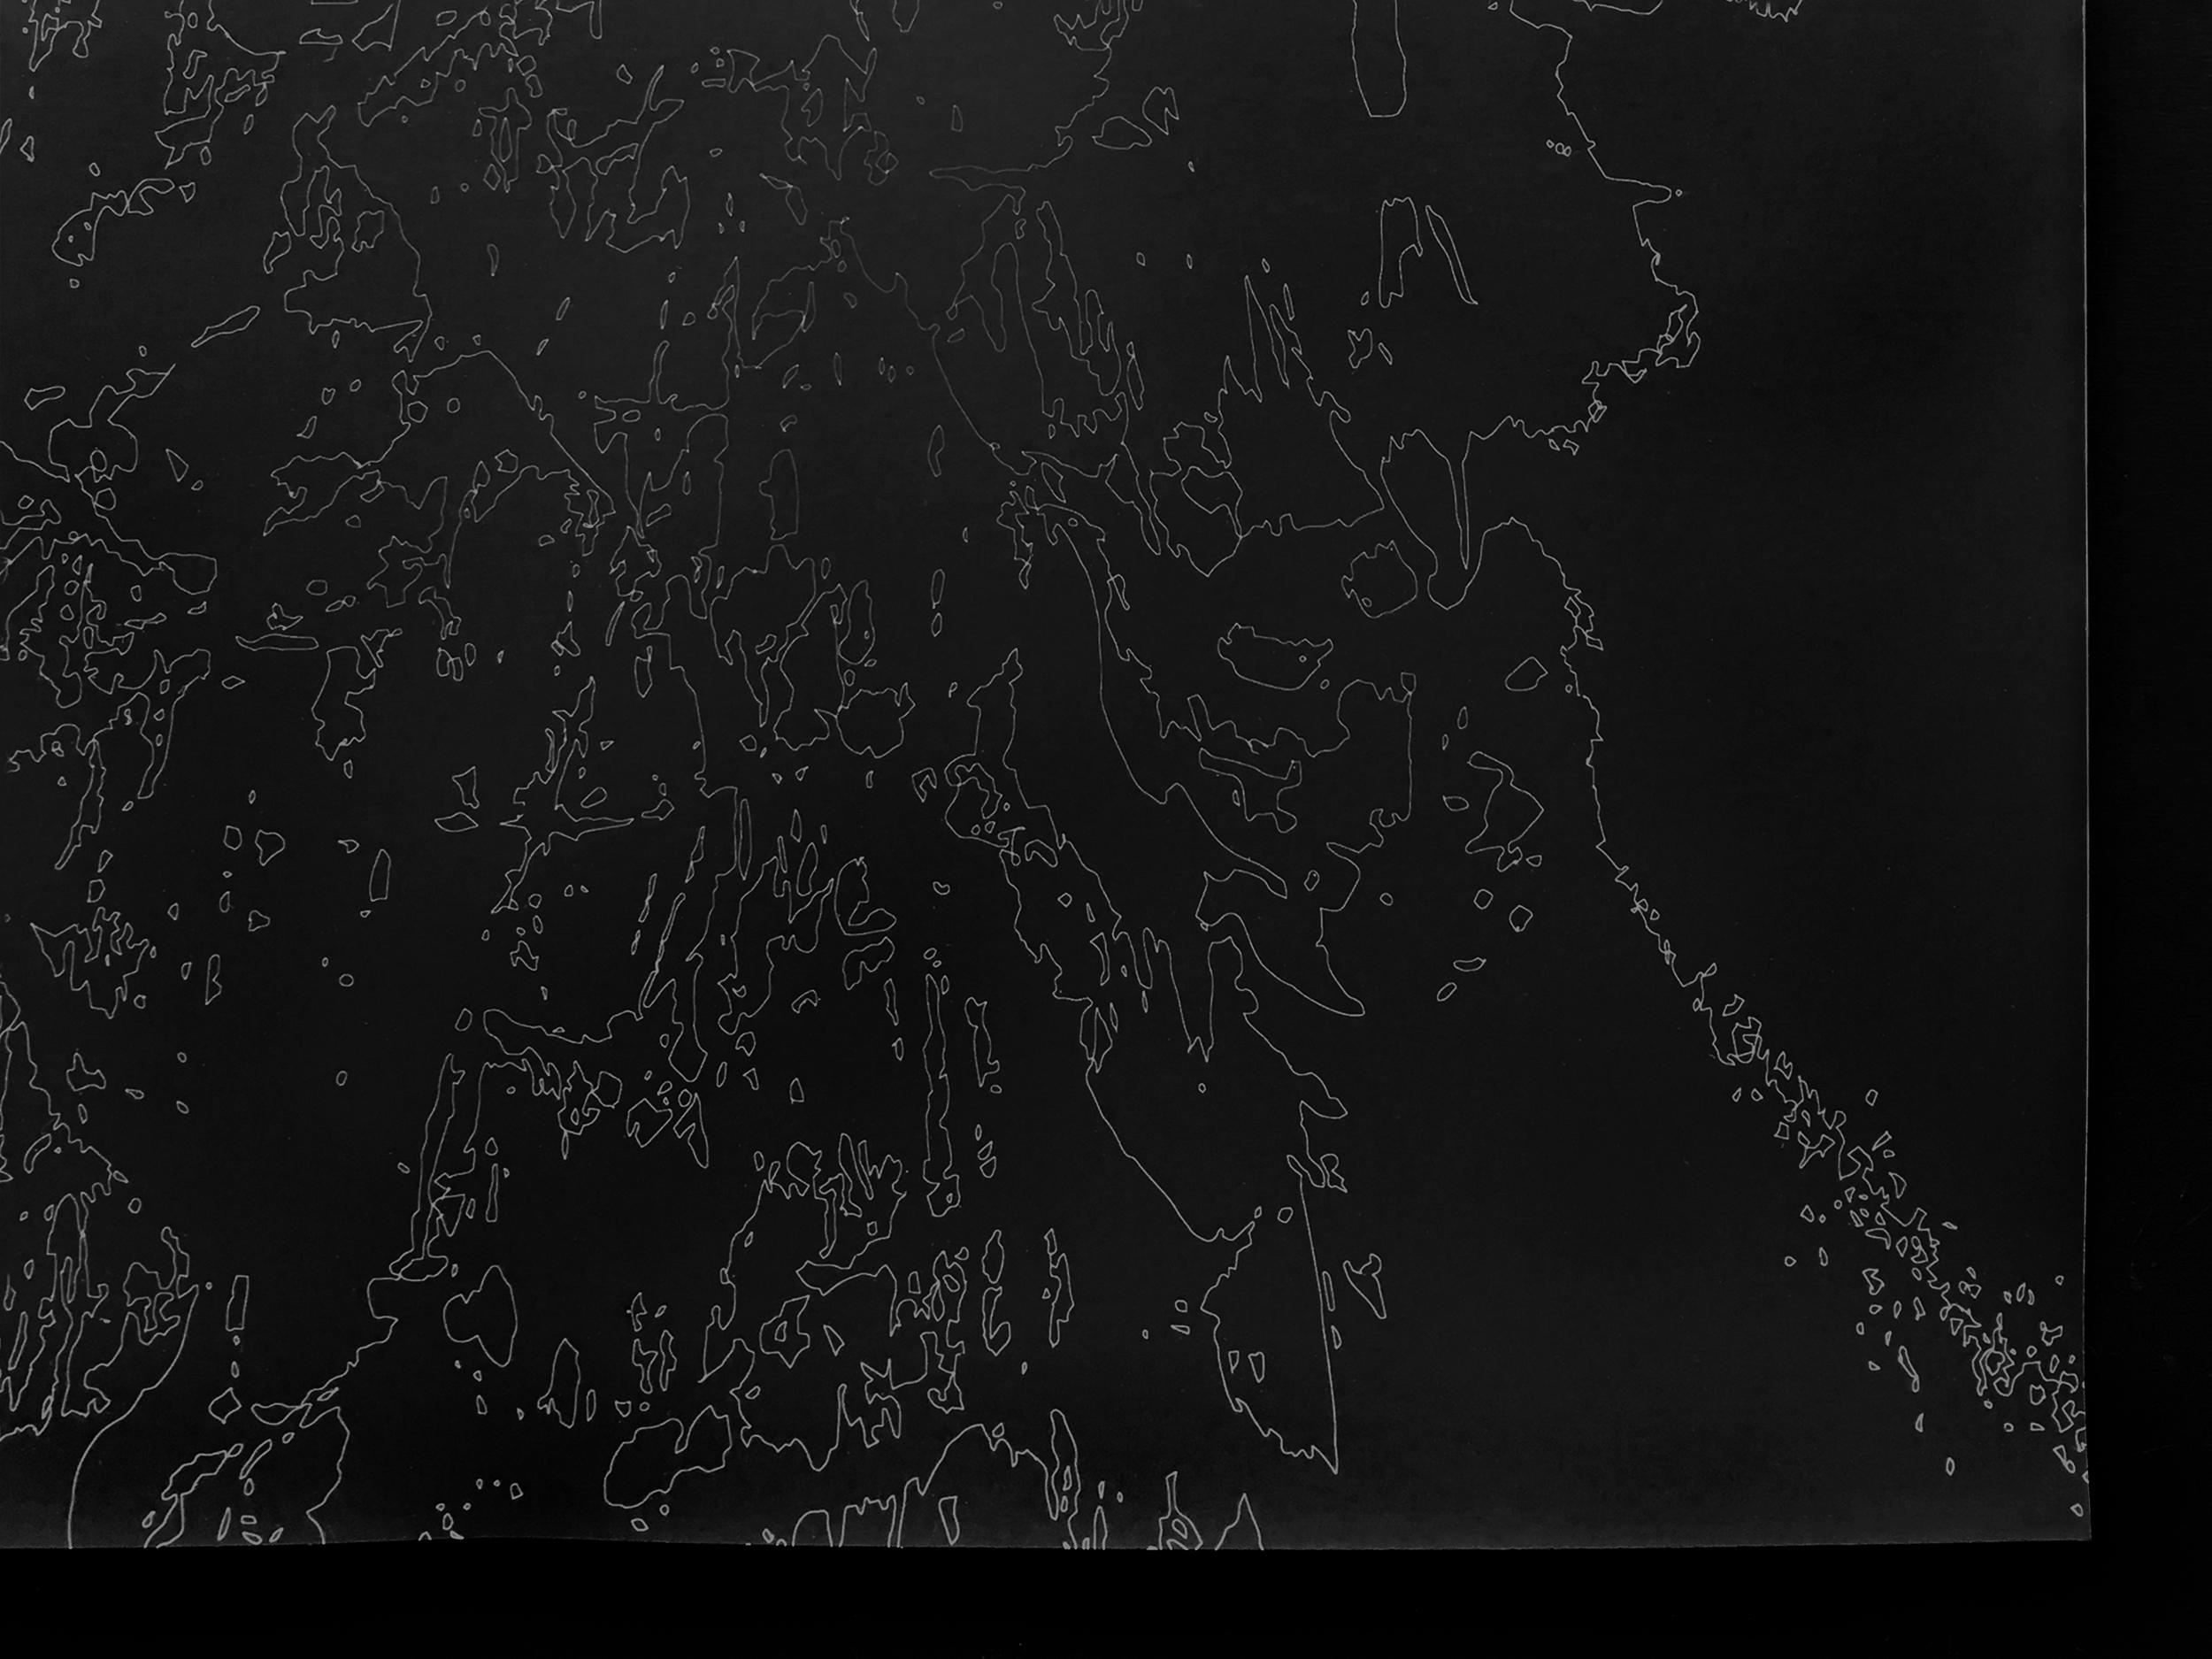 2-DisappearingLandscape10_Detail©AndreanneMichon2019.jpg